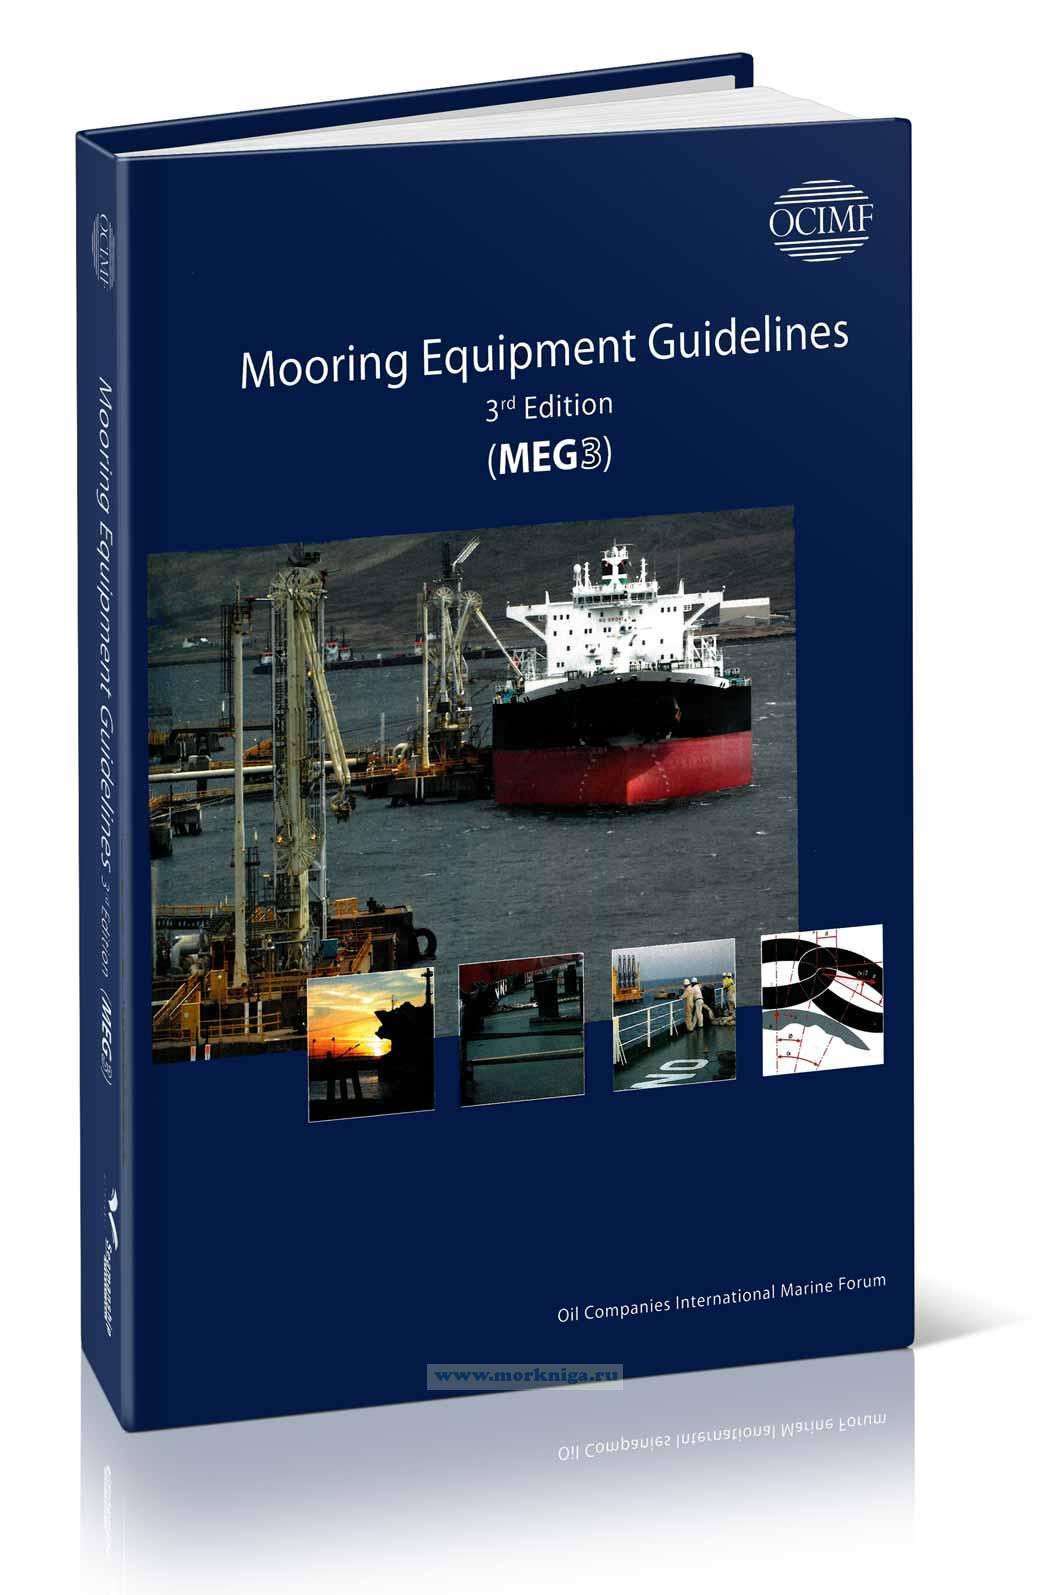 Наставление по швартовому оборудованию. Mooring Equipment Guidelines (MEG3) на английском языке (3rd editon)